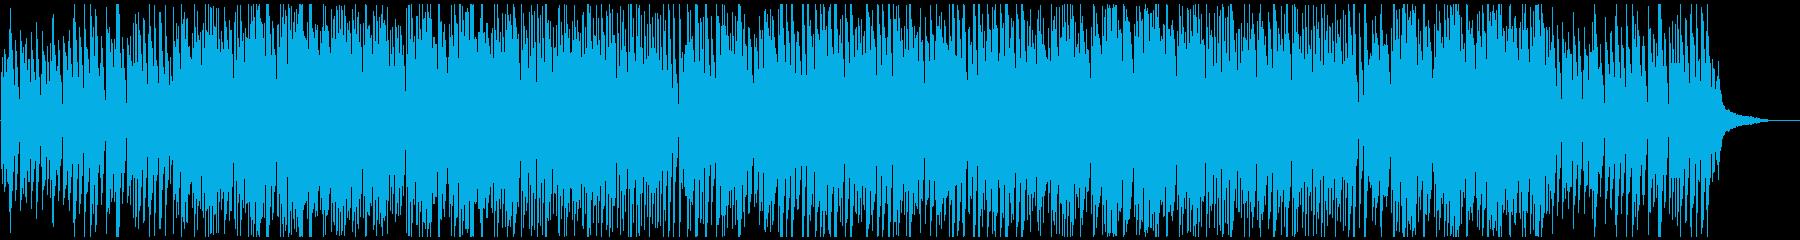 医療系映像に合う明るく清潔感あるピアノの再生済みの波形